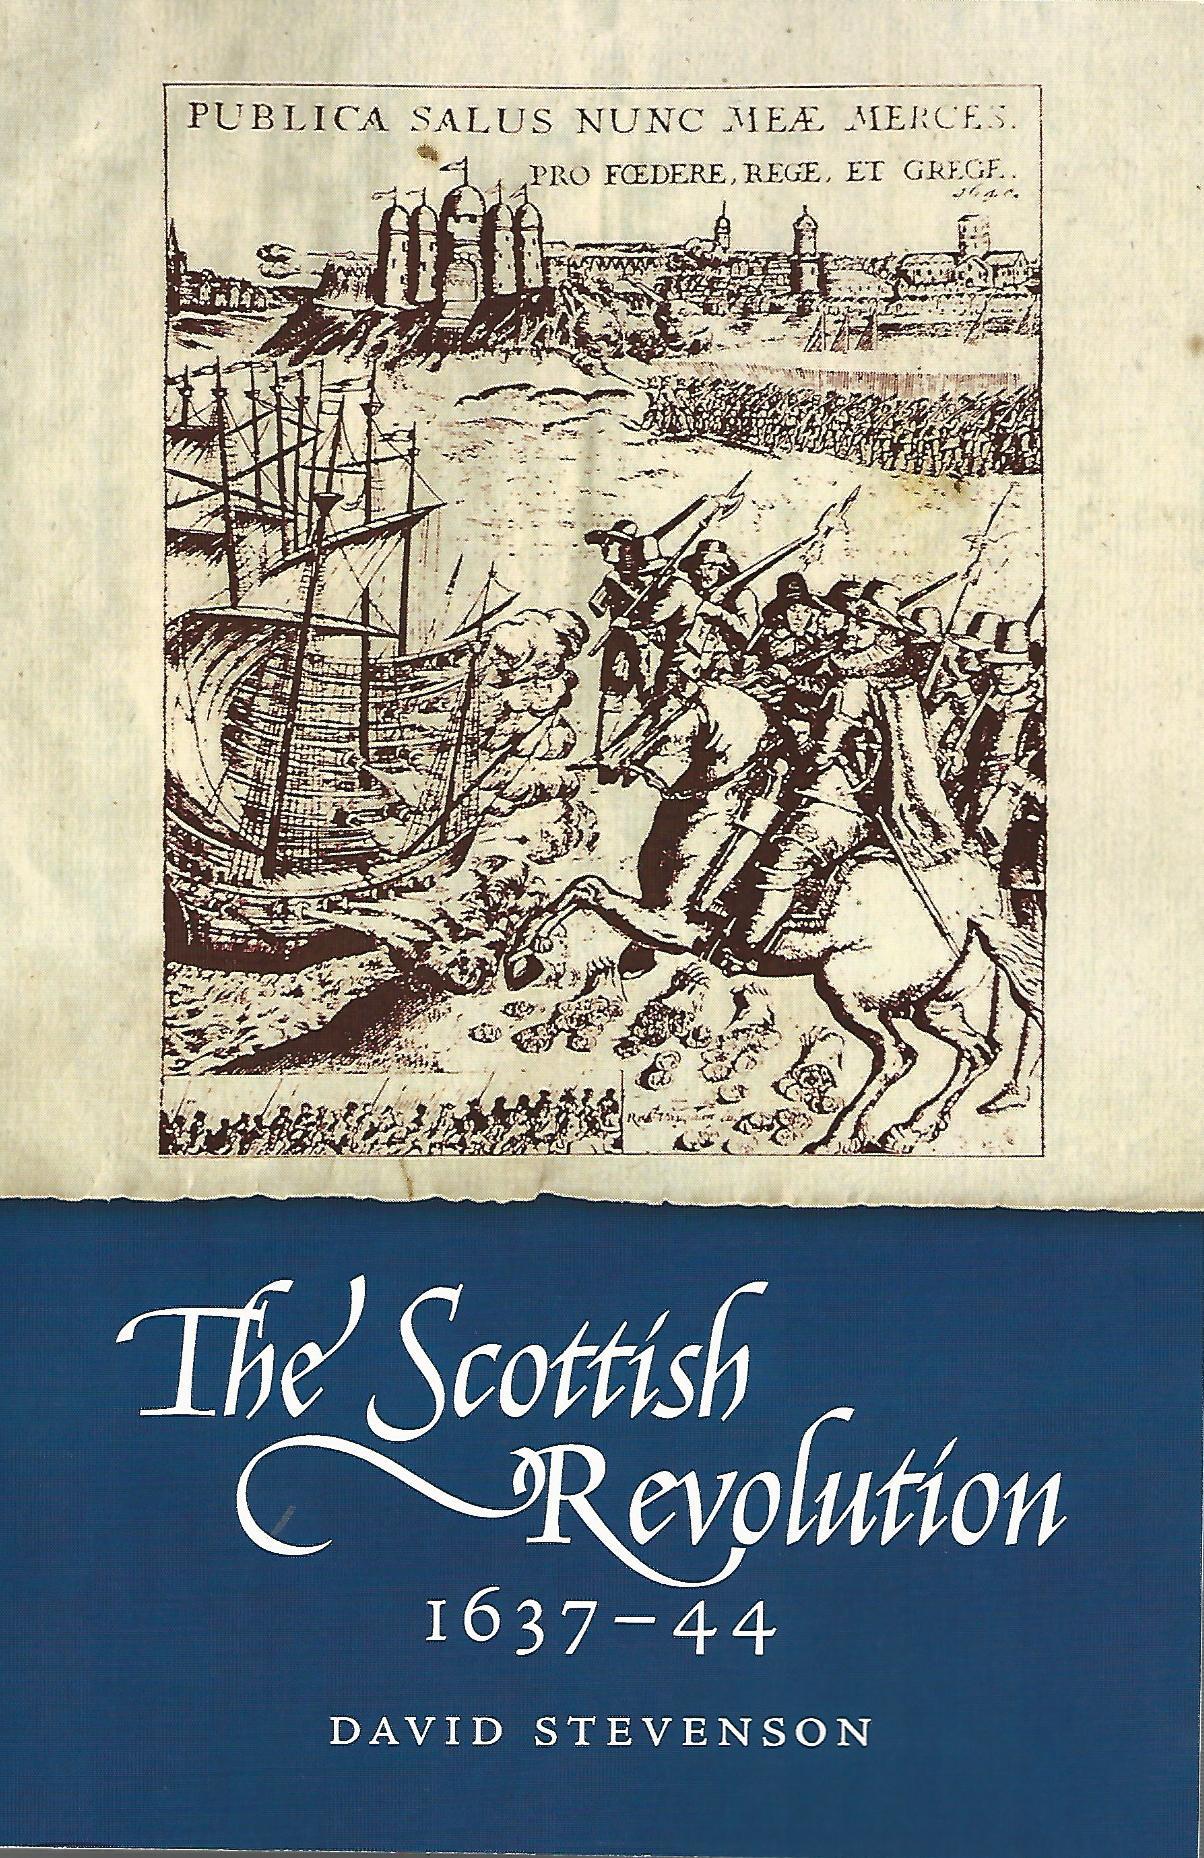 The Scottish Revolution 1637-44.